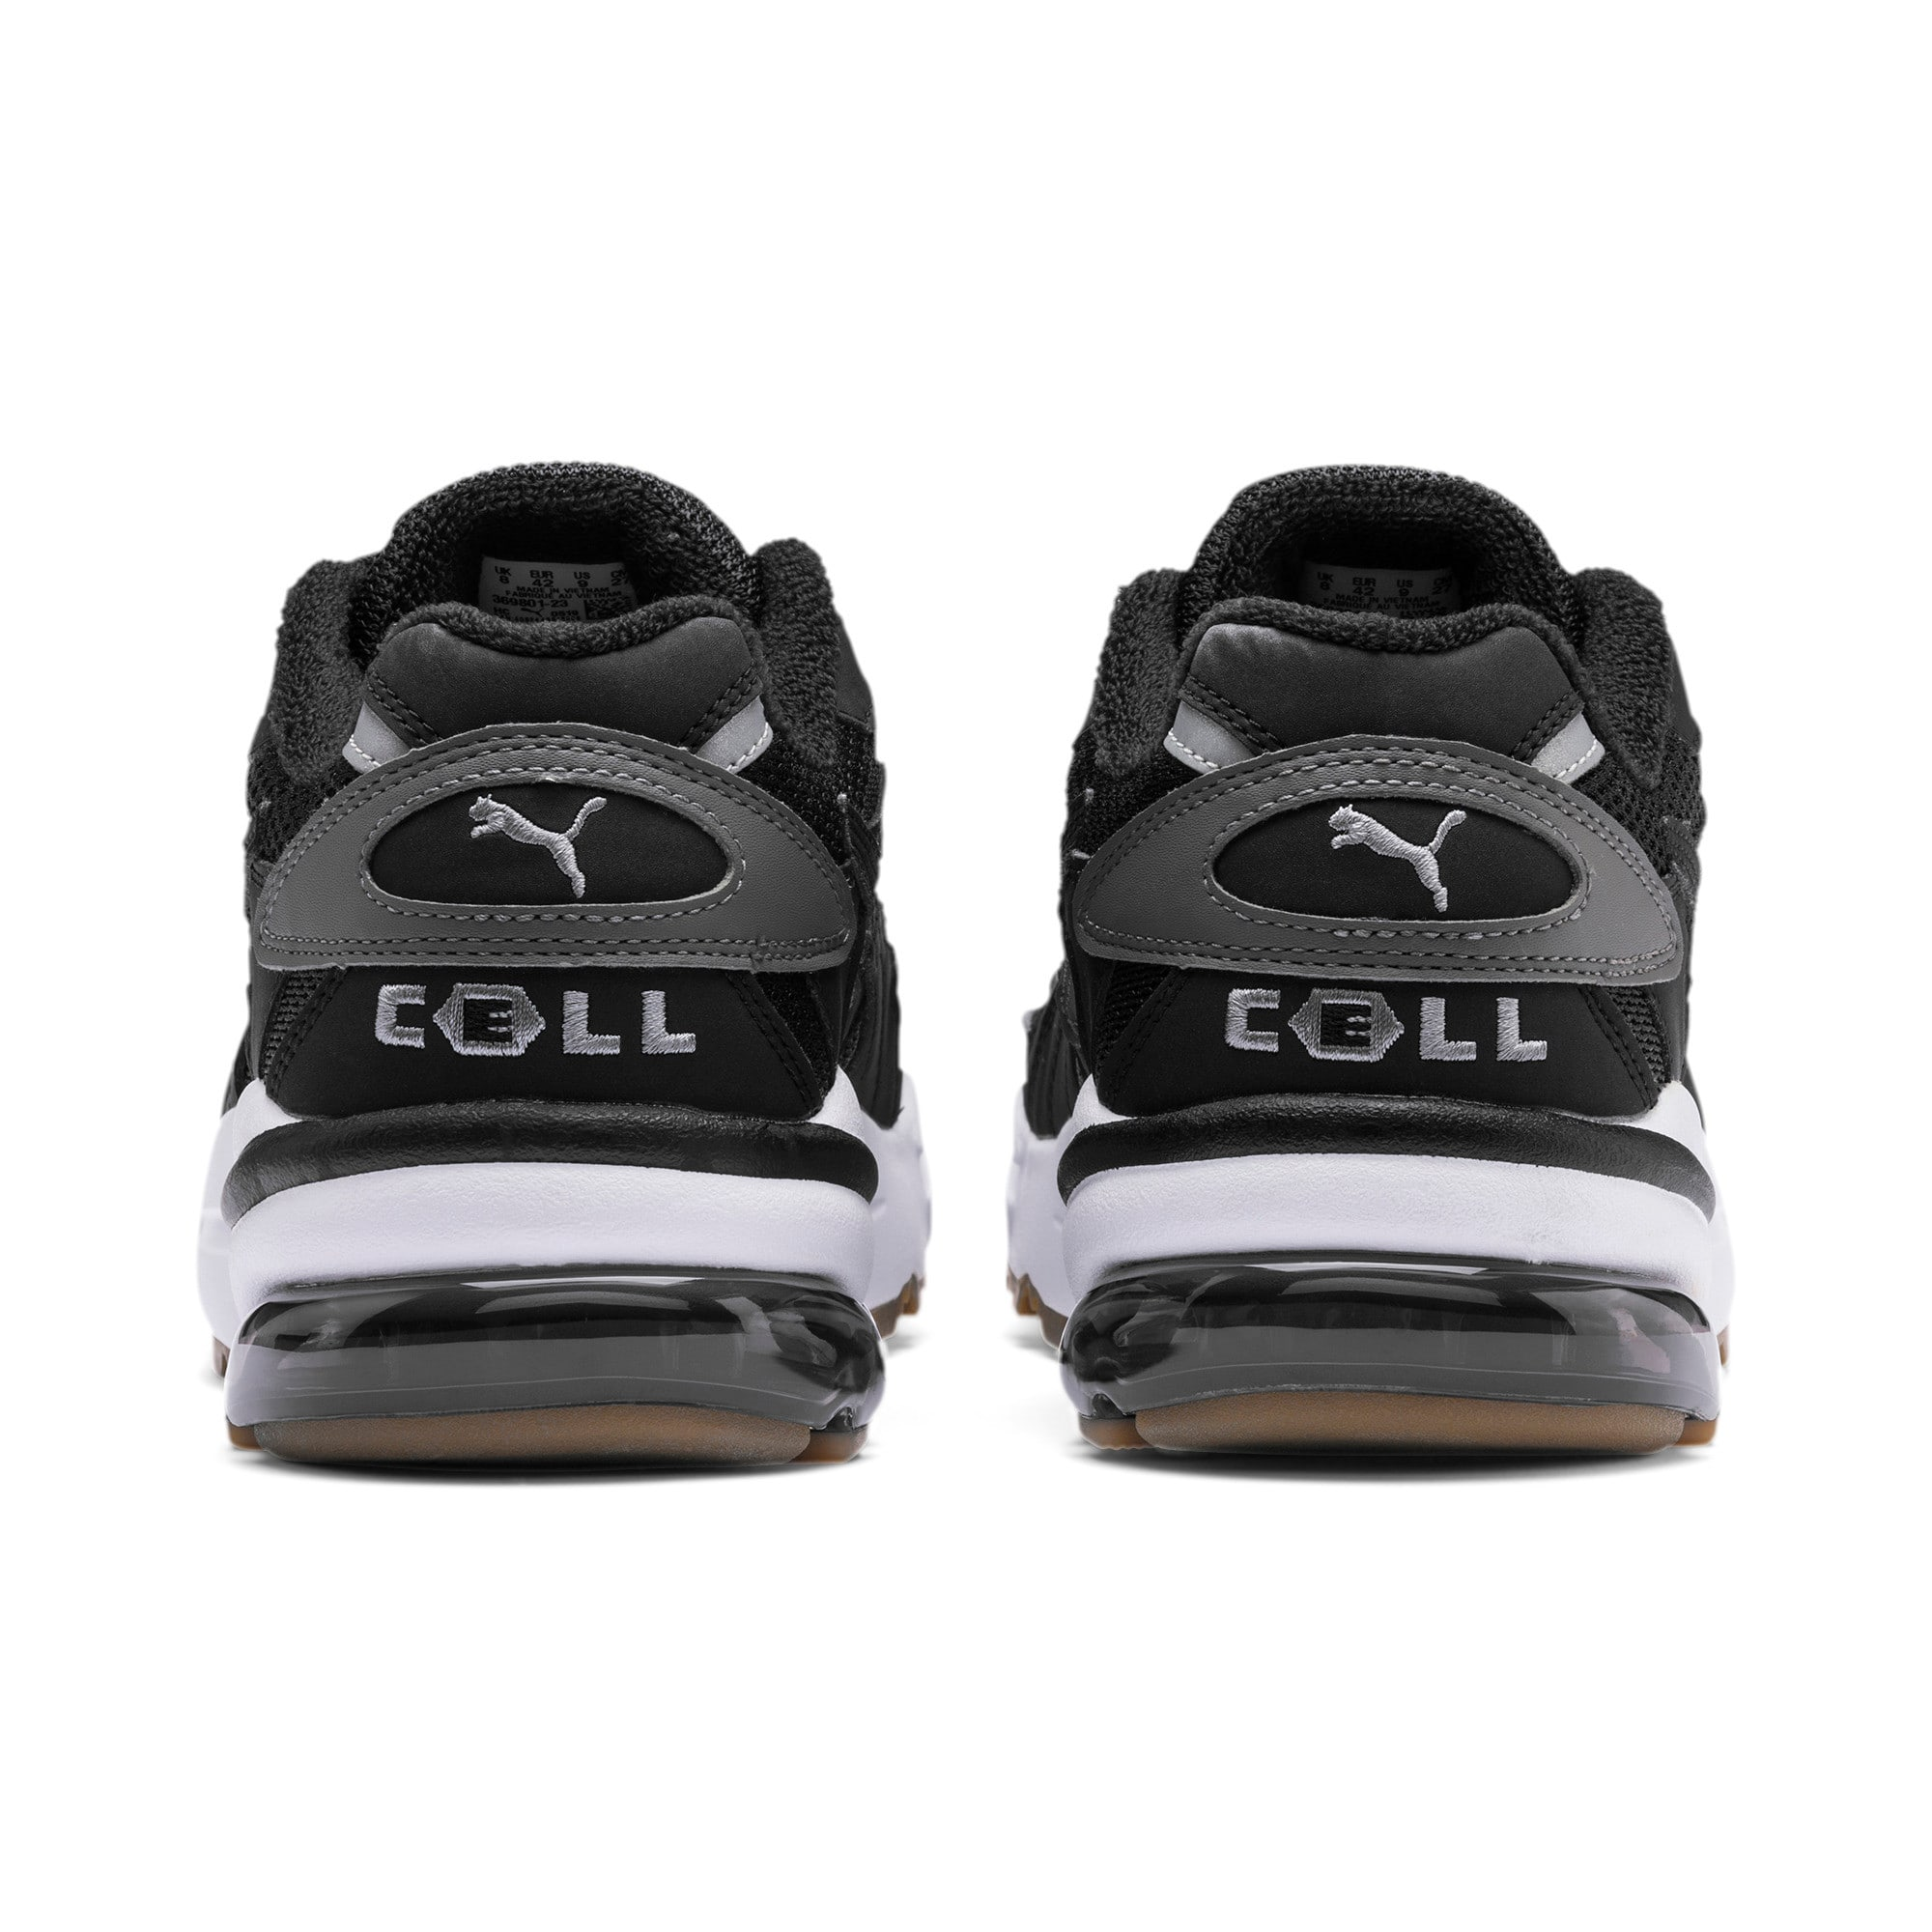 Thumbnail 3 of CELL Alien OG Sneaker, Puma Black-Gum, medium